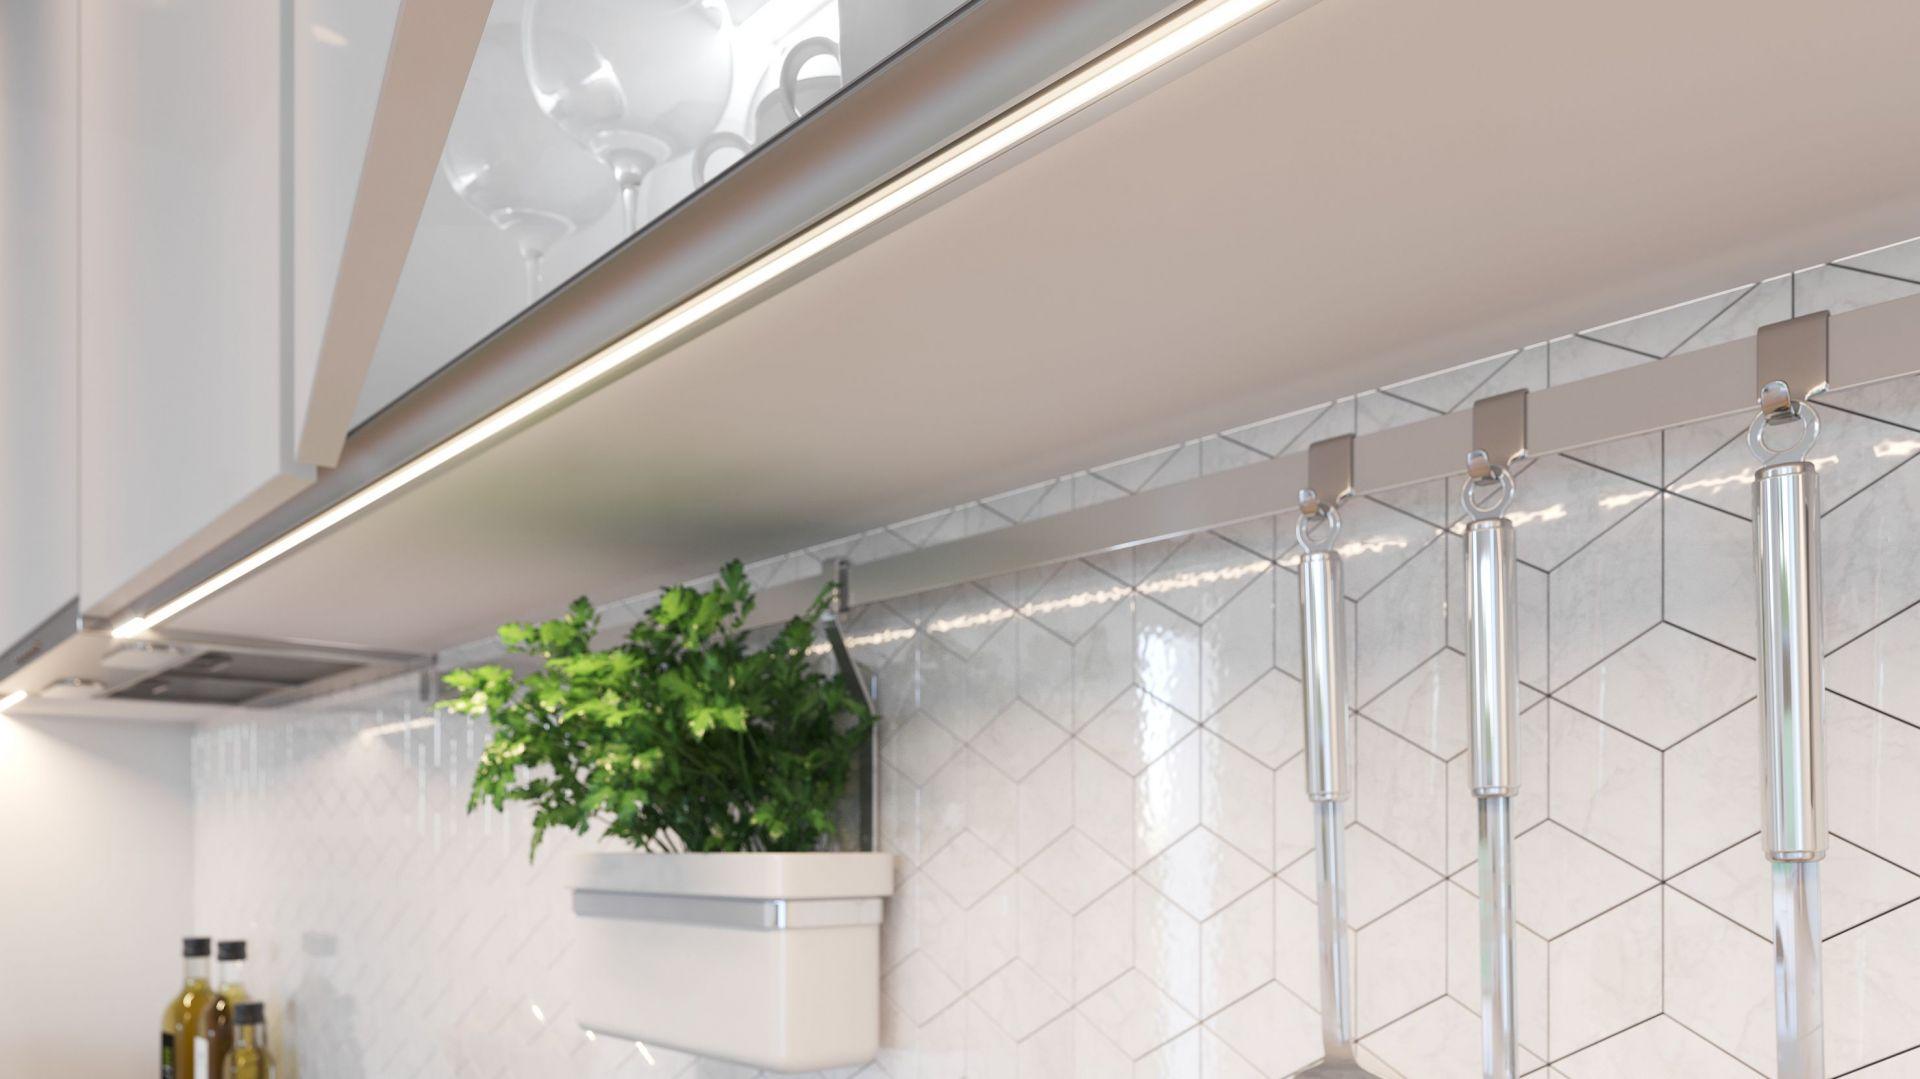 Profile GLAX stanowią uzupełnienie do taśm i listw LED. Ta funkcjonalna oprawa pozwala nie tylko oświetlić meble, ale zabezpiecza taśmę LED przed odklejeniem się czy uszkodzeniami mechanicznymi. Fot. GTV